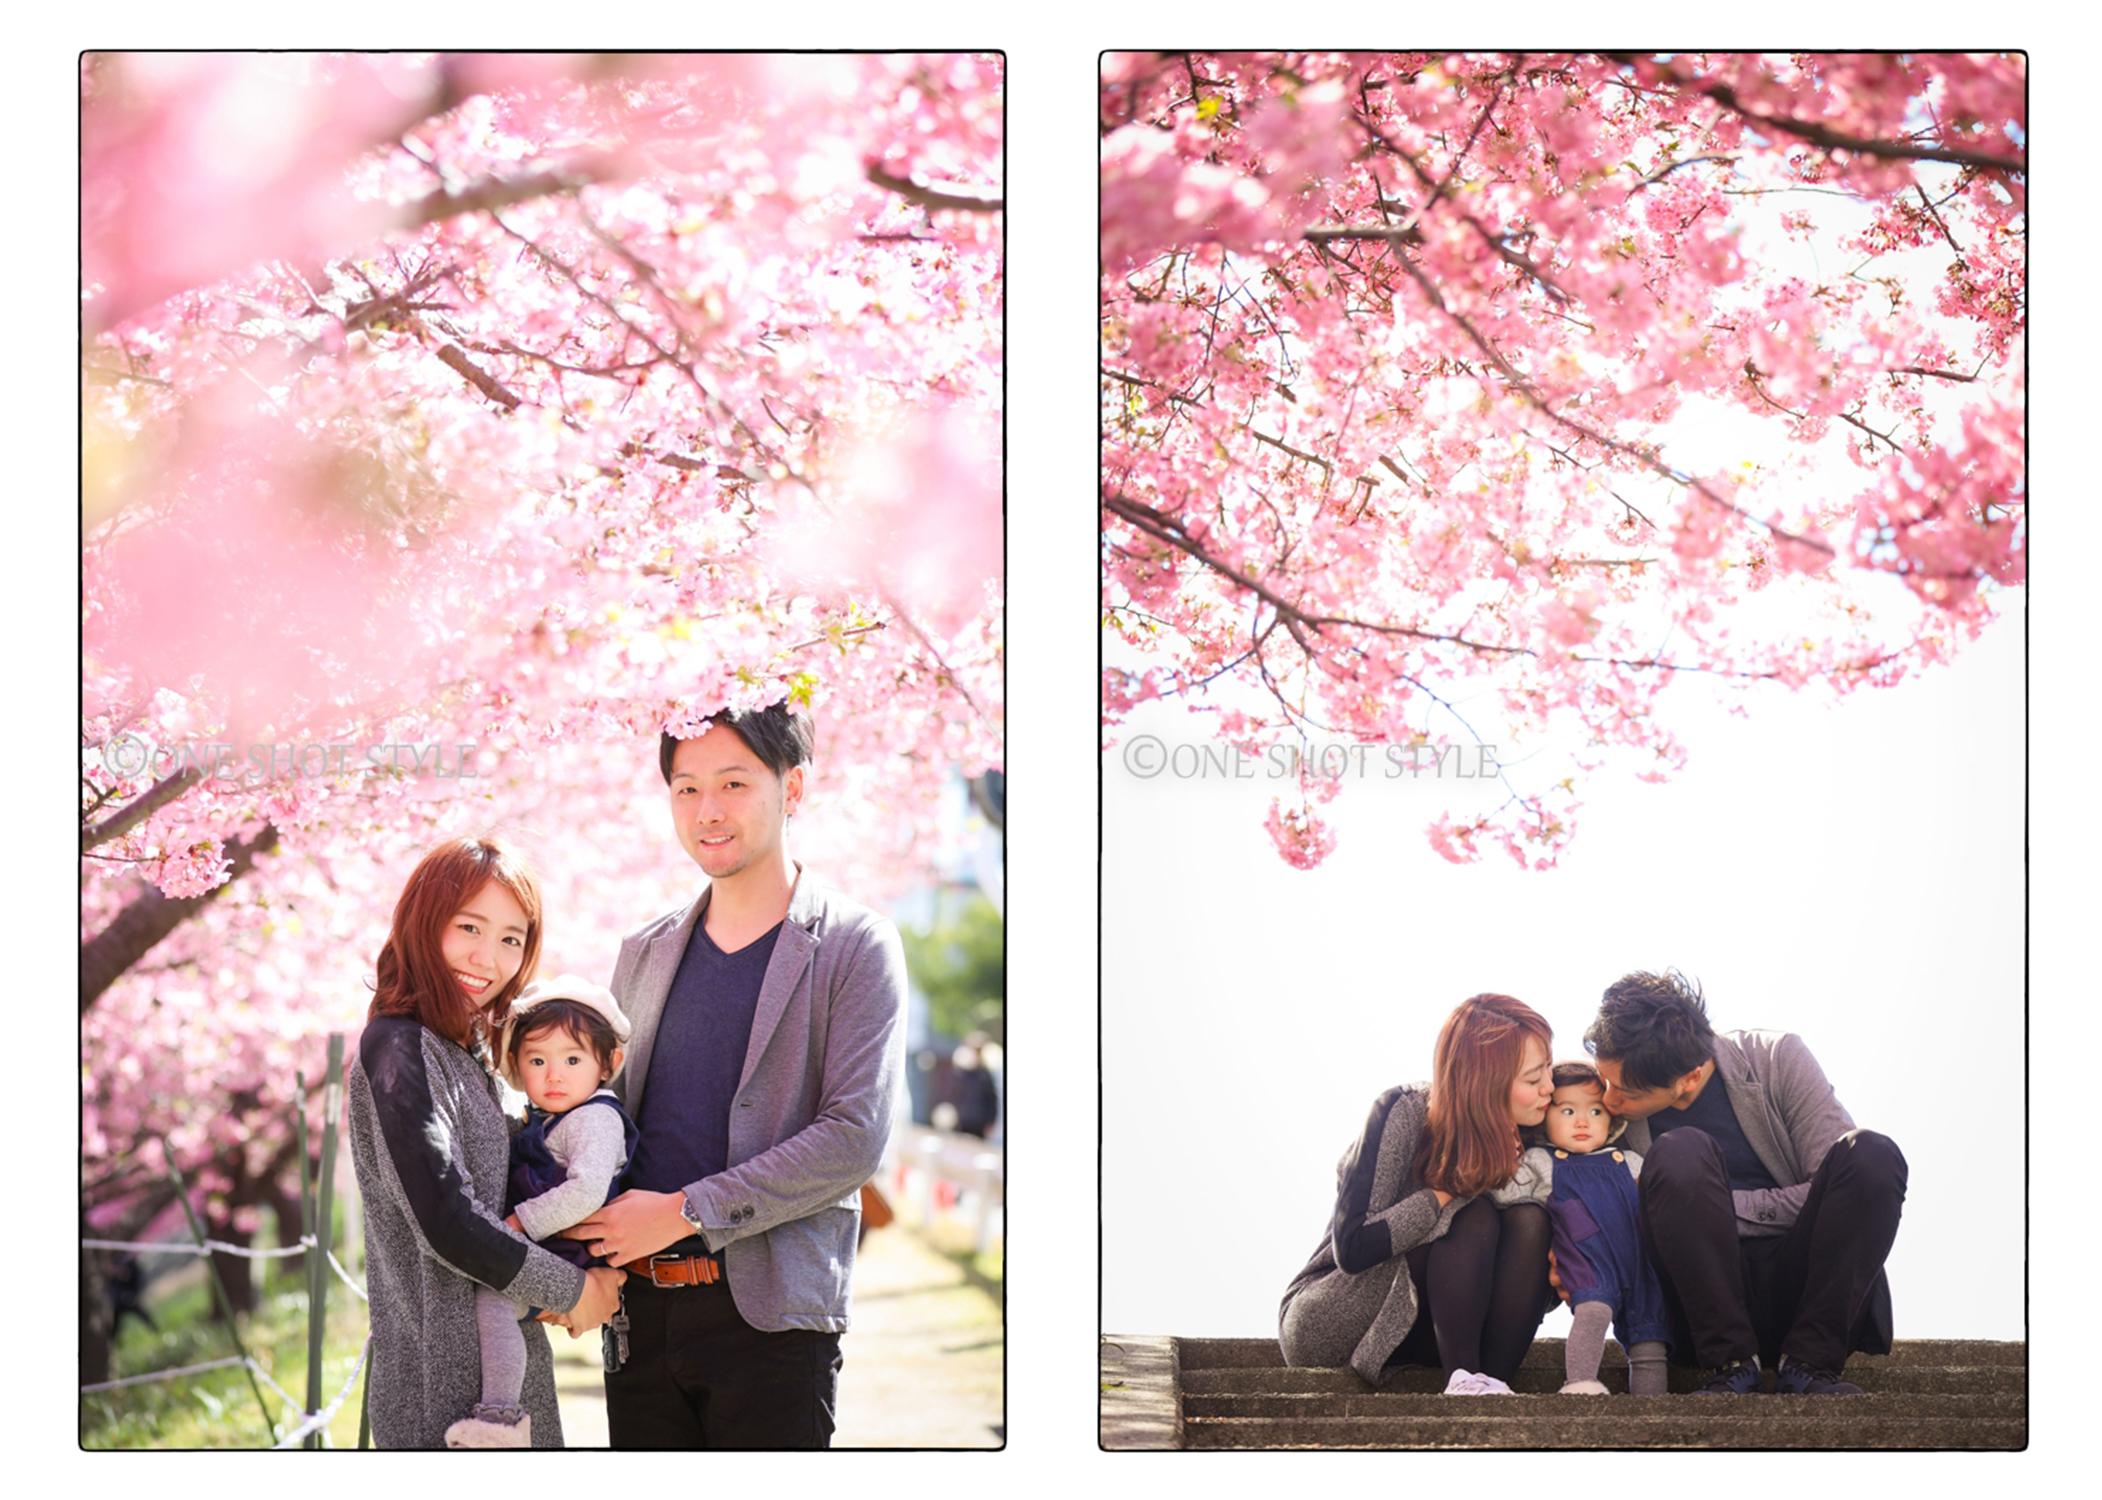 愛知 名古屋 岡崎 家族写真 出張撮影 ワンショットスタイル